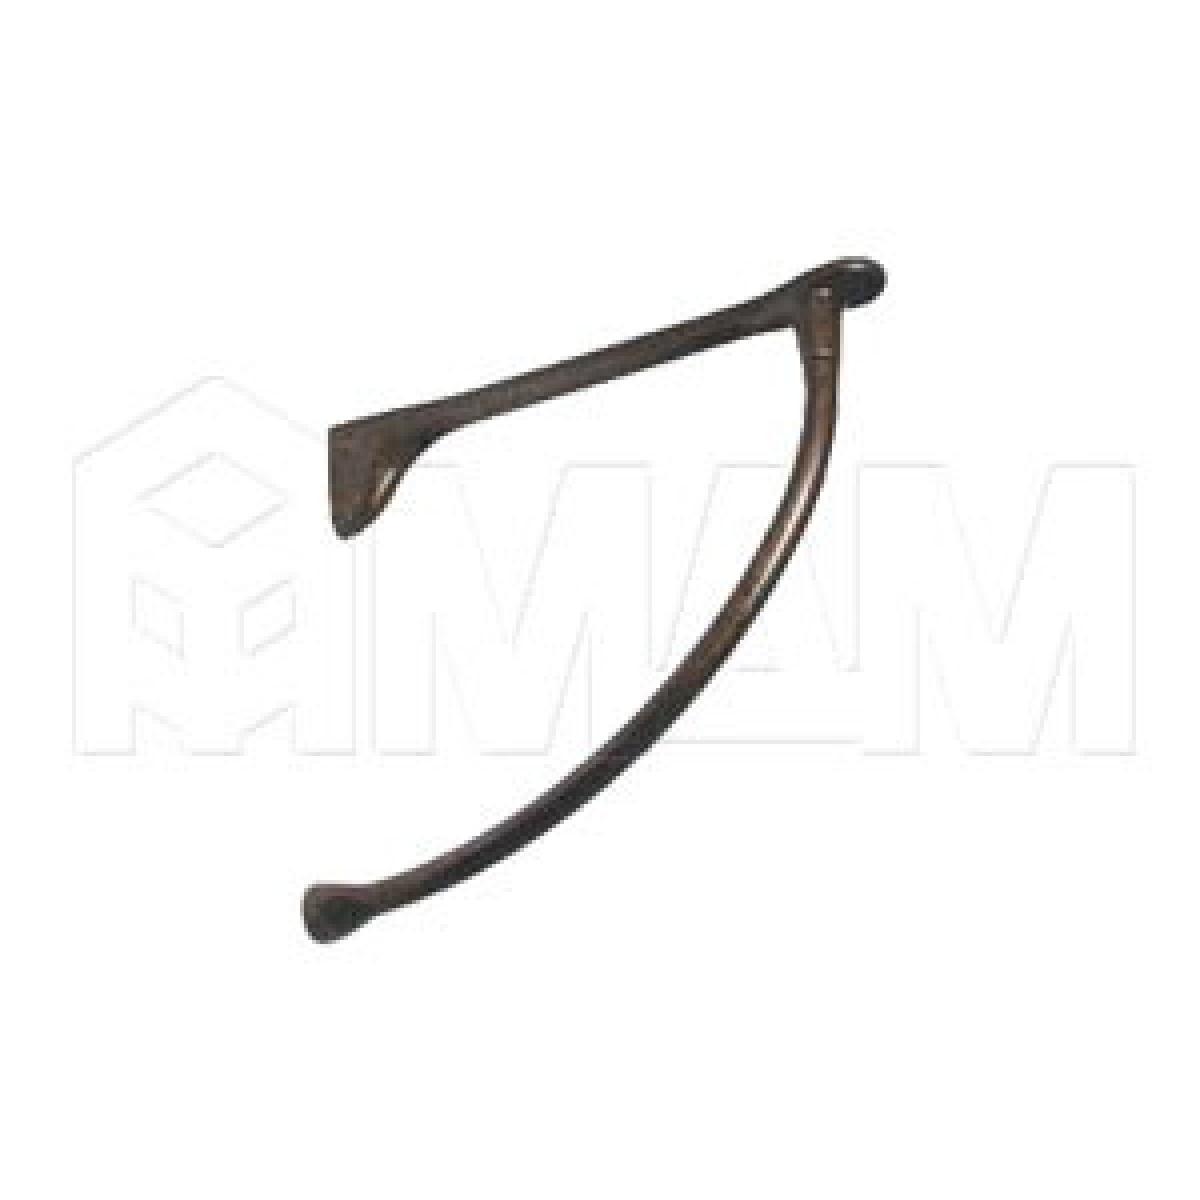 Менсолодержатель для деревянных полок L-240 мм, бронза патинированная (2 шт.)